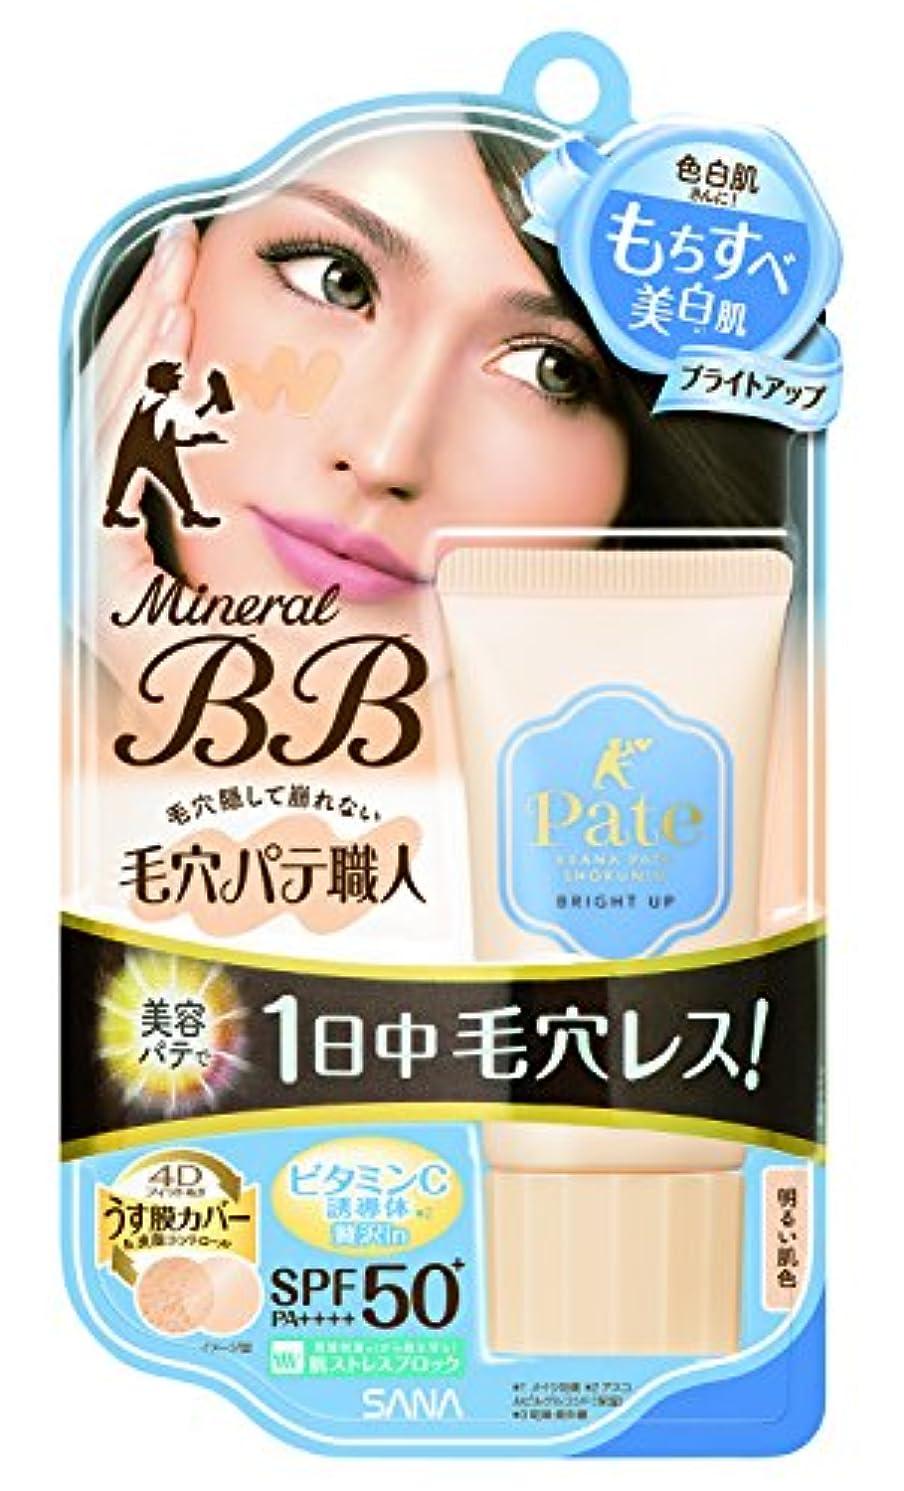 洋服楽しむ韓国語毛穴パテ職人 ミネラルBBクリーム ブライトアップ 明るい肌色 30g